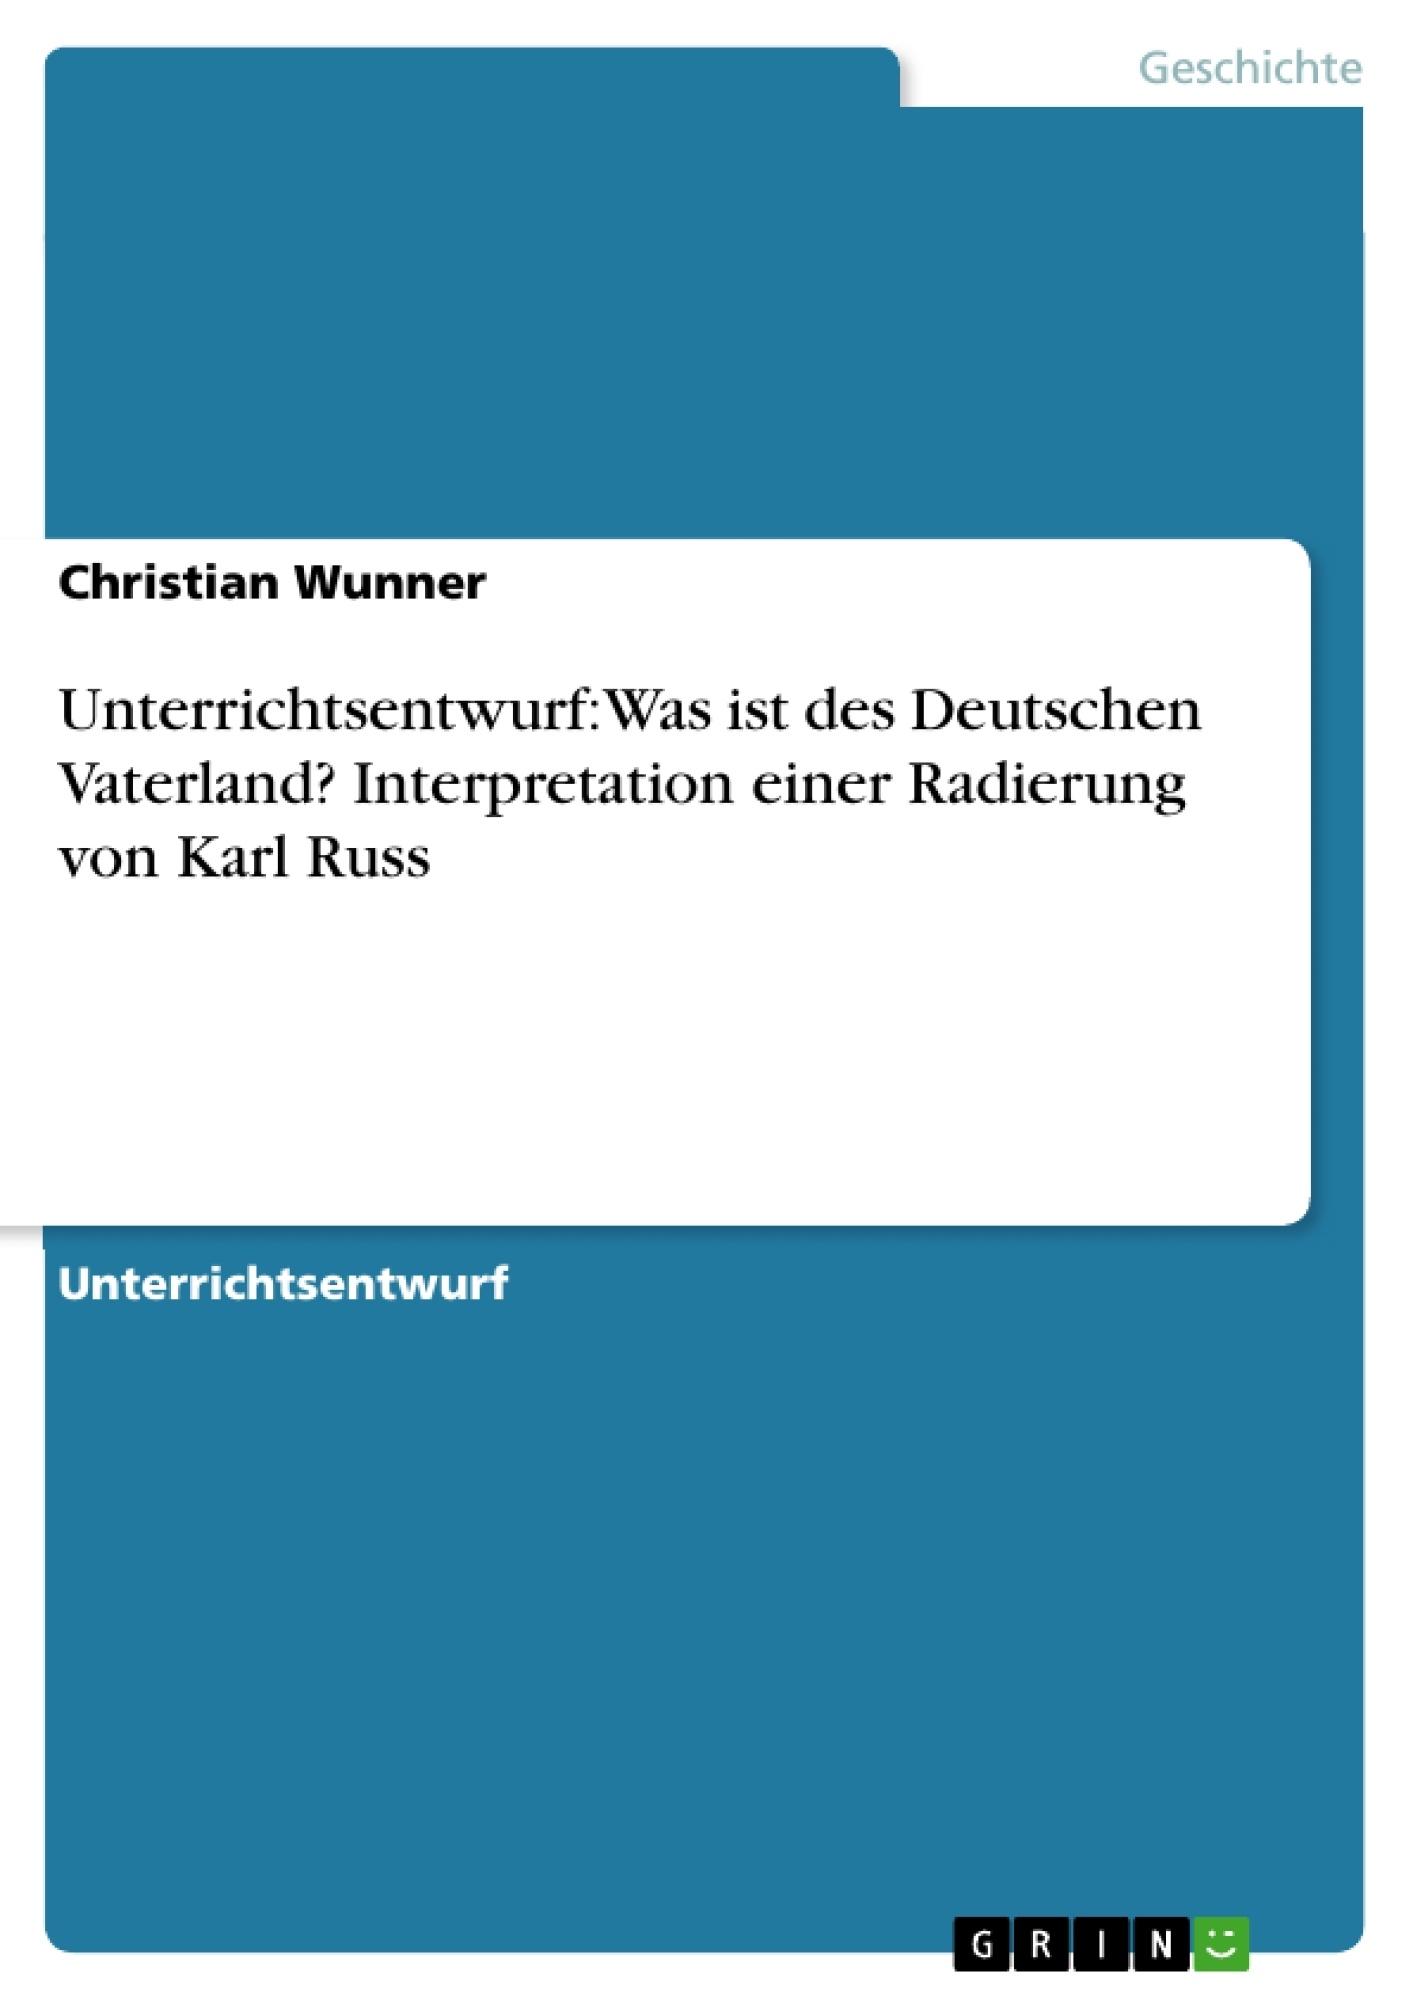 Titel: Unterrichtsentwurf: Was ist des Deutschen Vaterland? Interpretation einer Radierung von Karl Russ